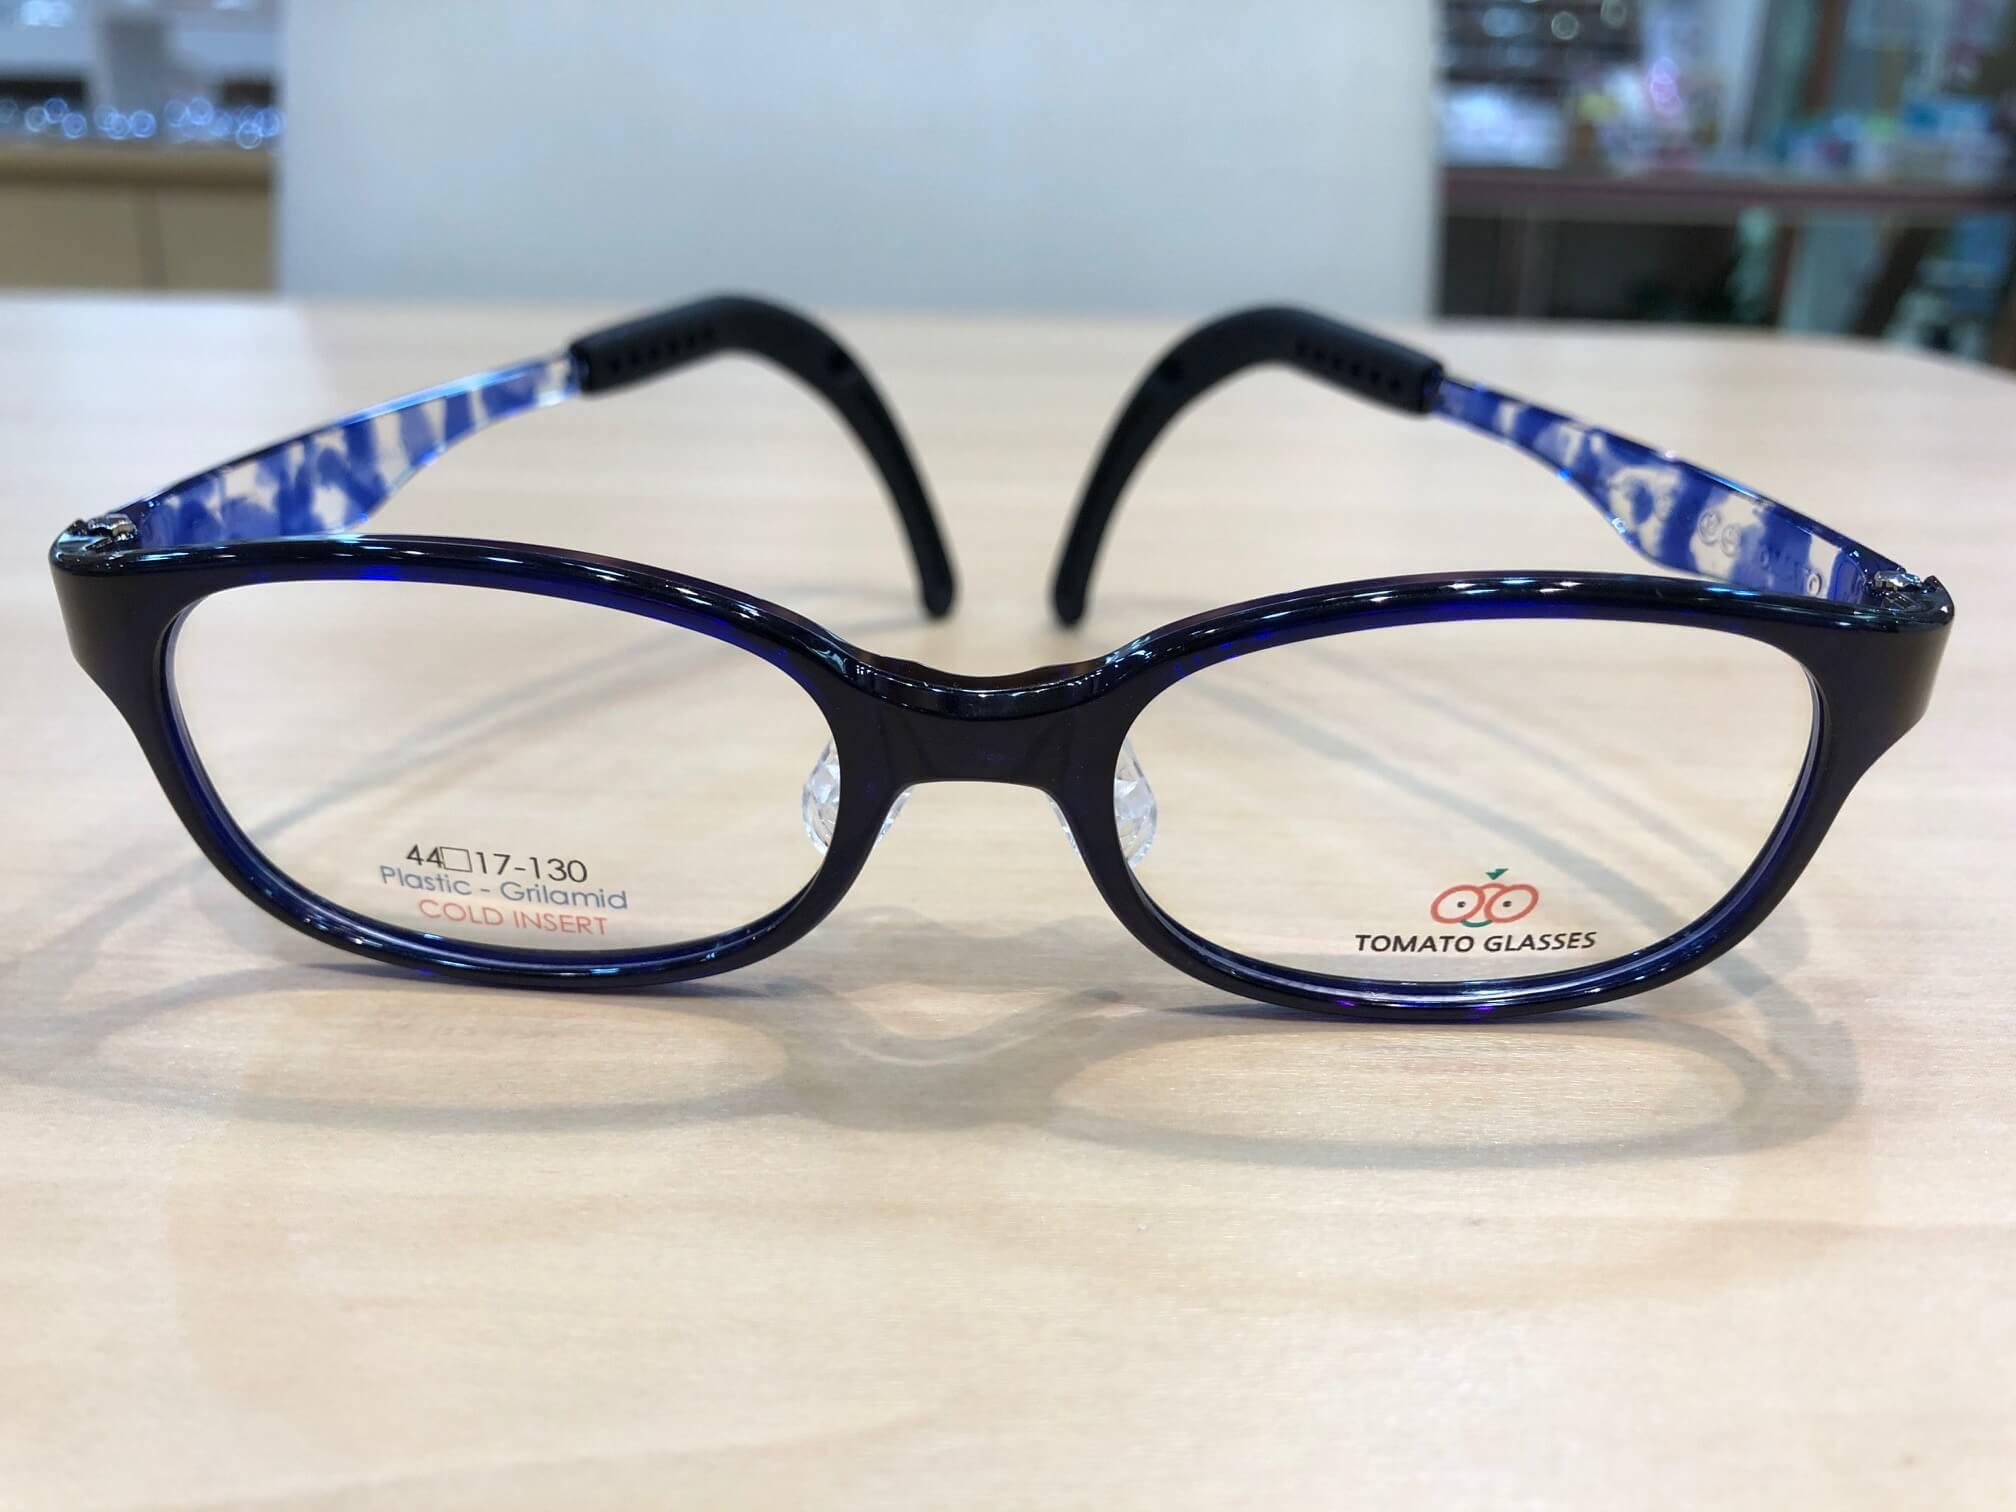 トマトグラッシーズ 品番:TKAC19 カラー:ブルー/BLデミ レンズサイズ:44ミリ